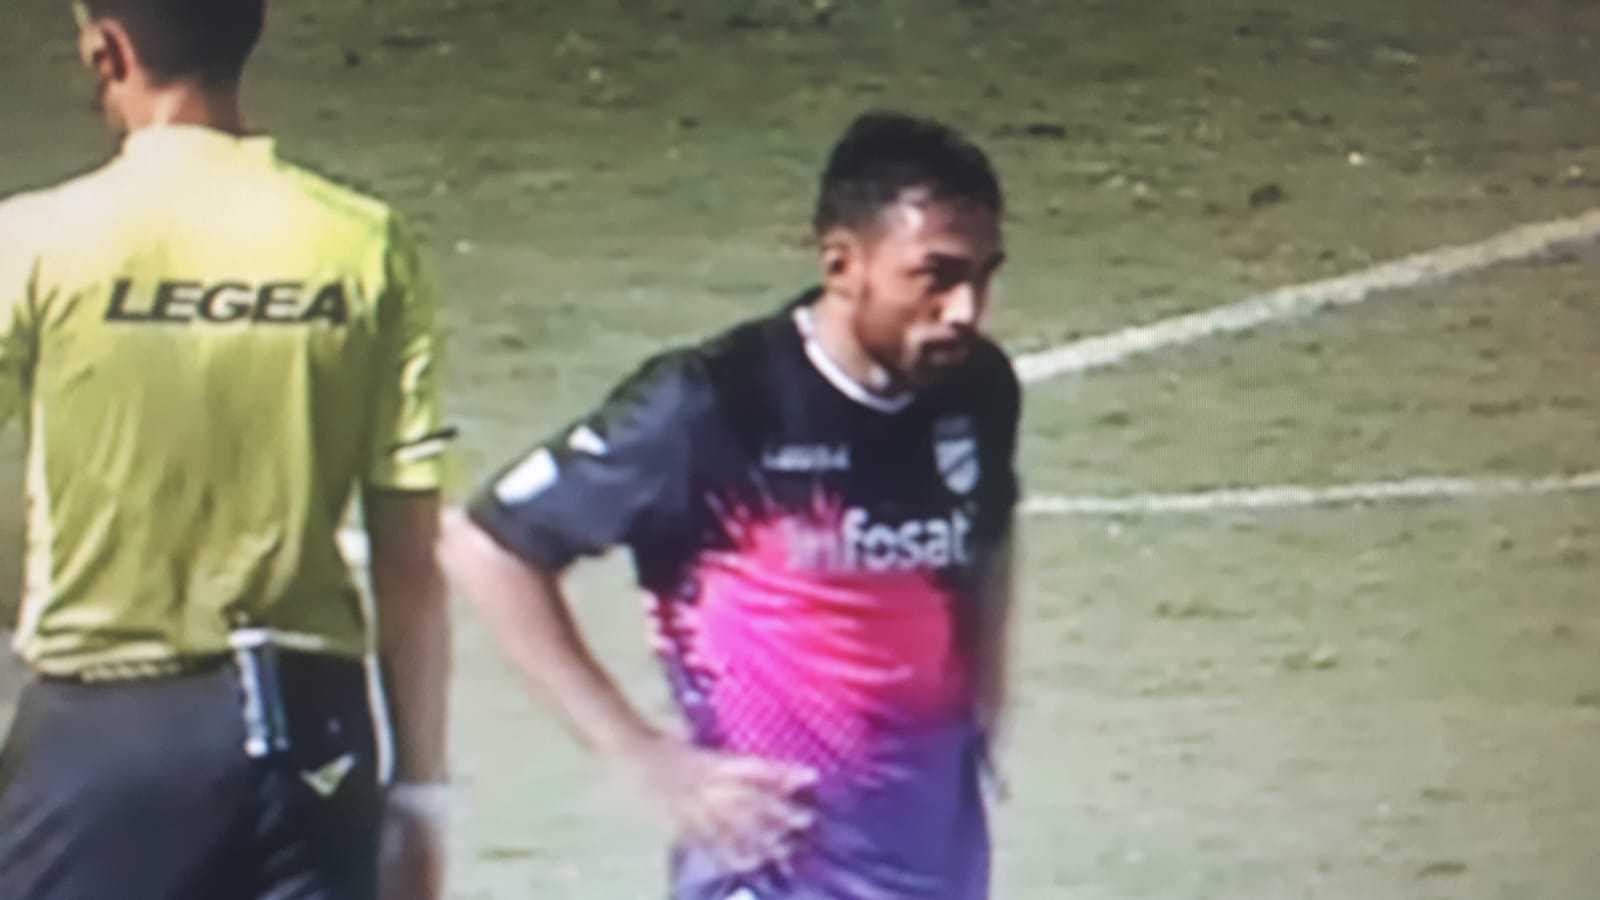 VIDEO | Calcio C, giusto pari e patta a Grosseto (1-1): grande ripresa del Teramo che perde anche Mungo ed Arrigoni